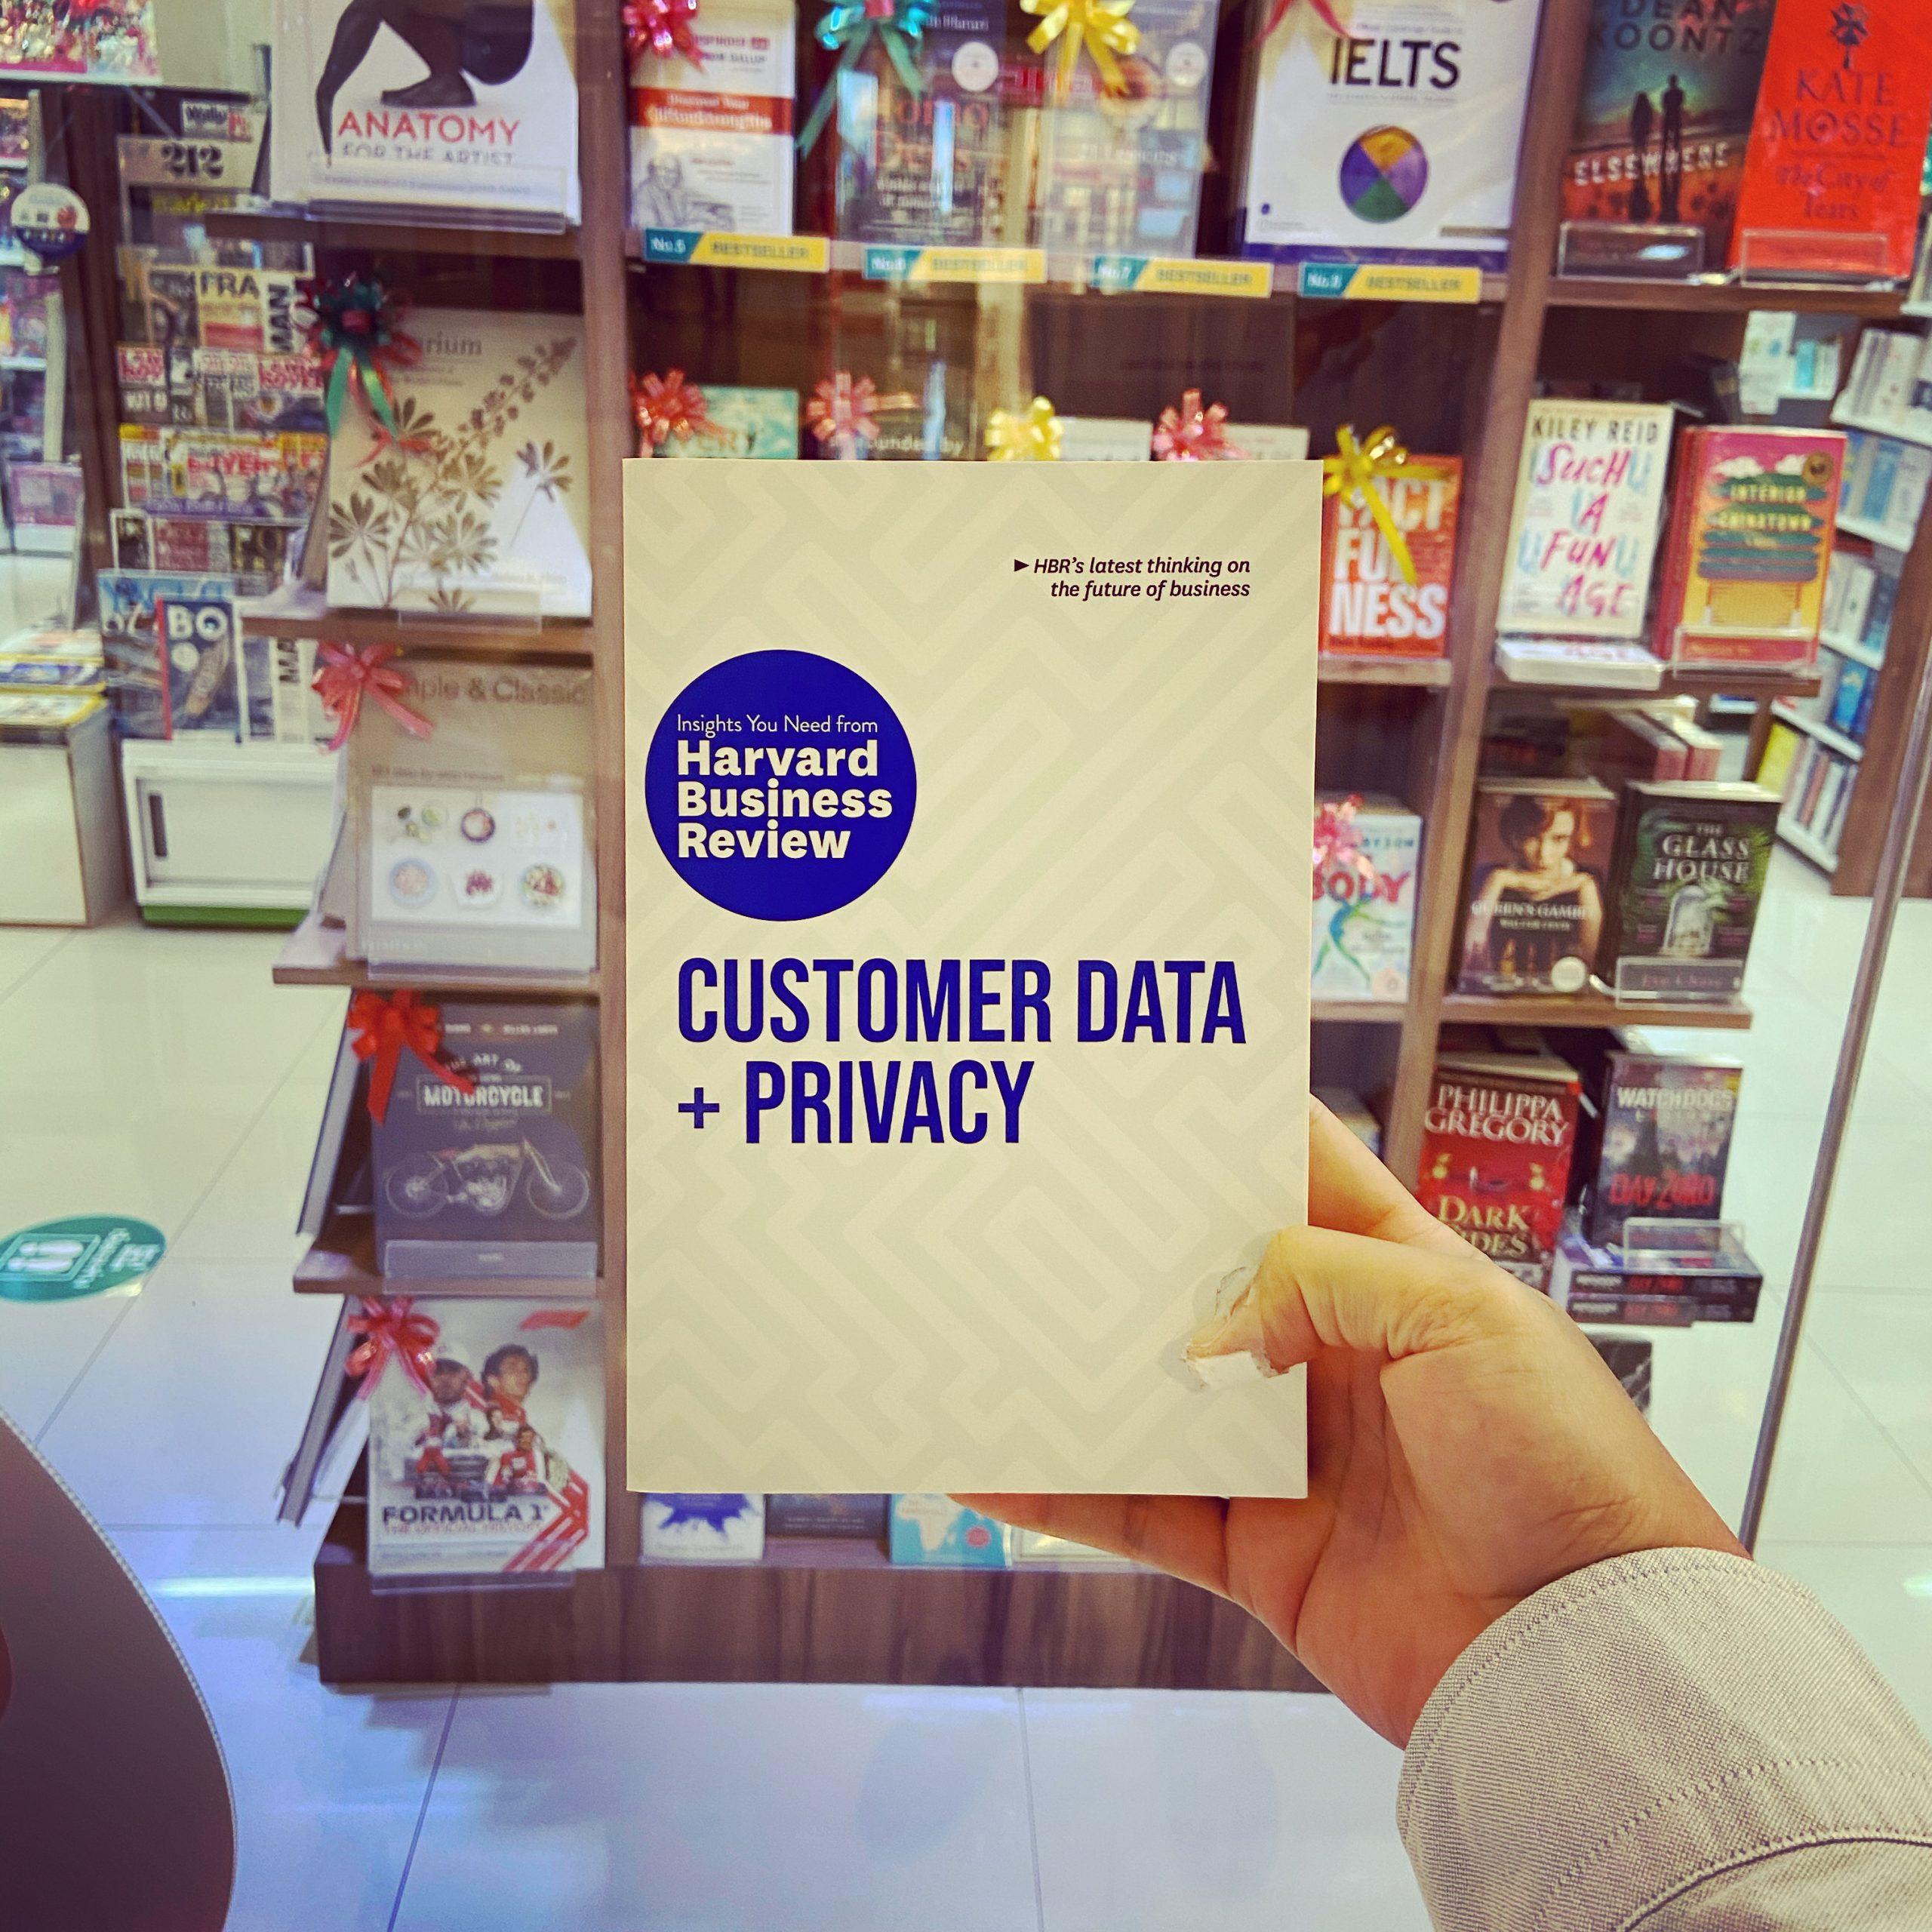 สรุปหนังสือ Customer Data + Privacy สำนักพิมพ์ Harvard Business Review เมื่อ Privacy & Security กลายเป็นหัวใจของ Business & Branding ยุค Data